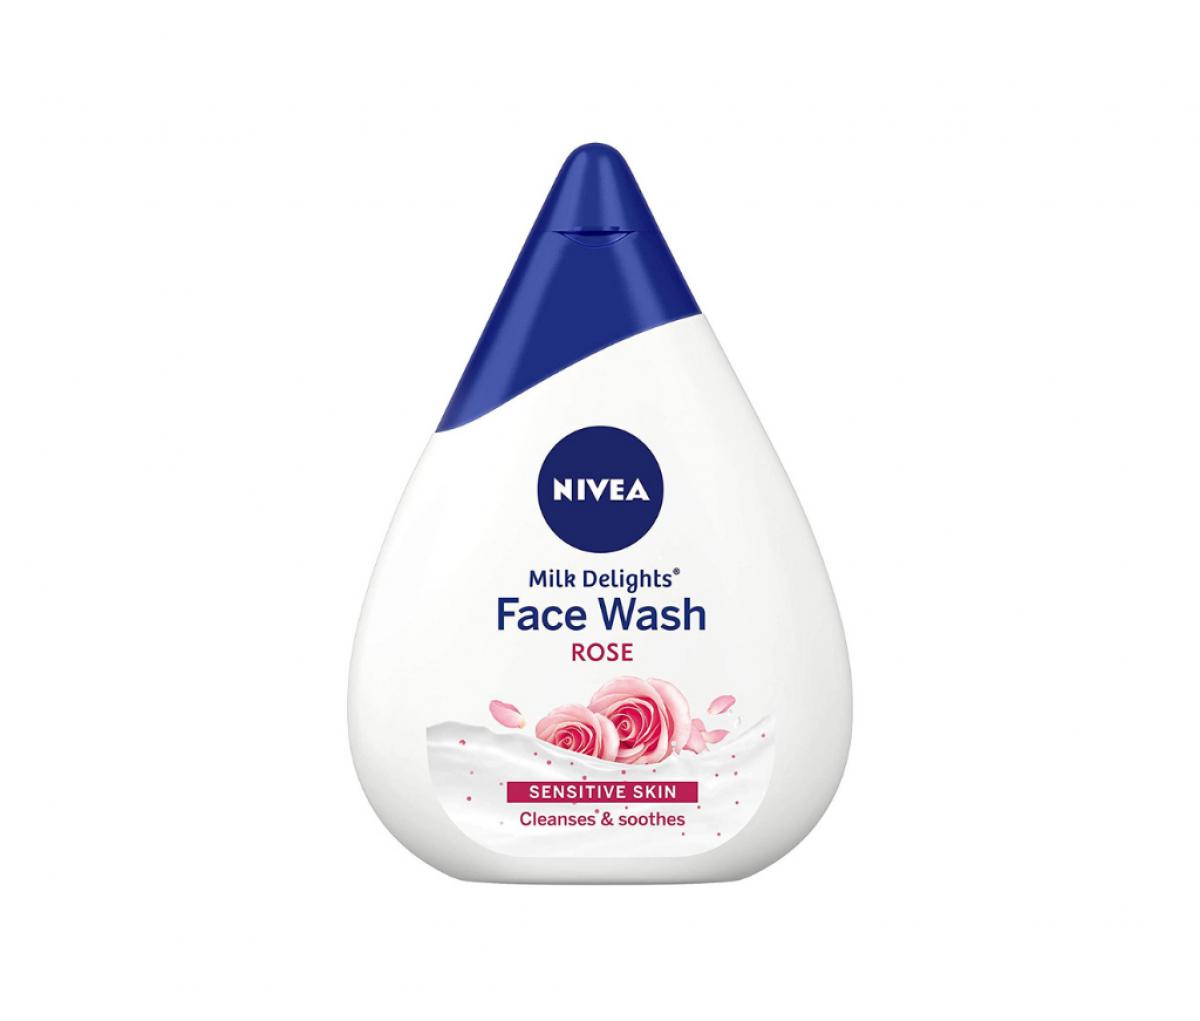 Nivea 100ml sensitive skin Gel Face Wash